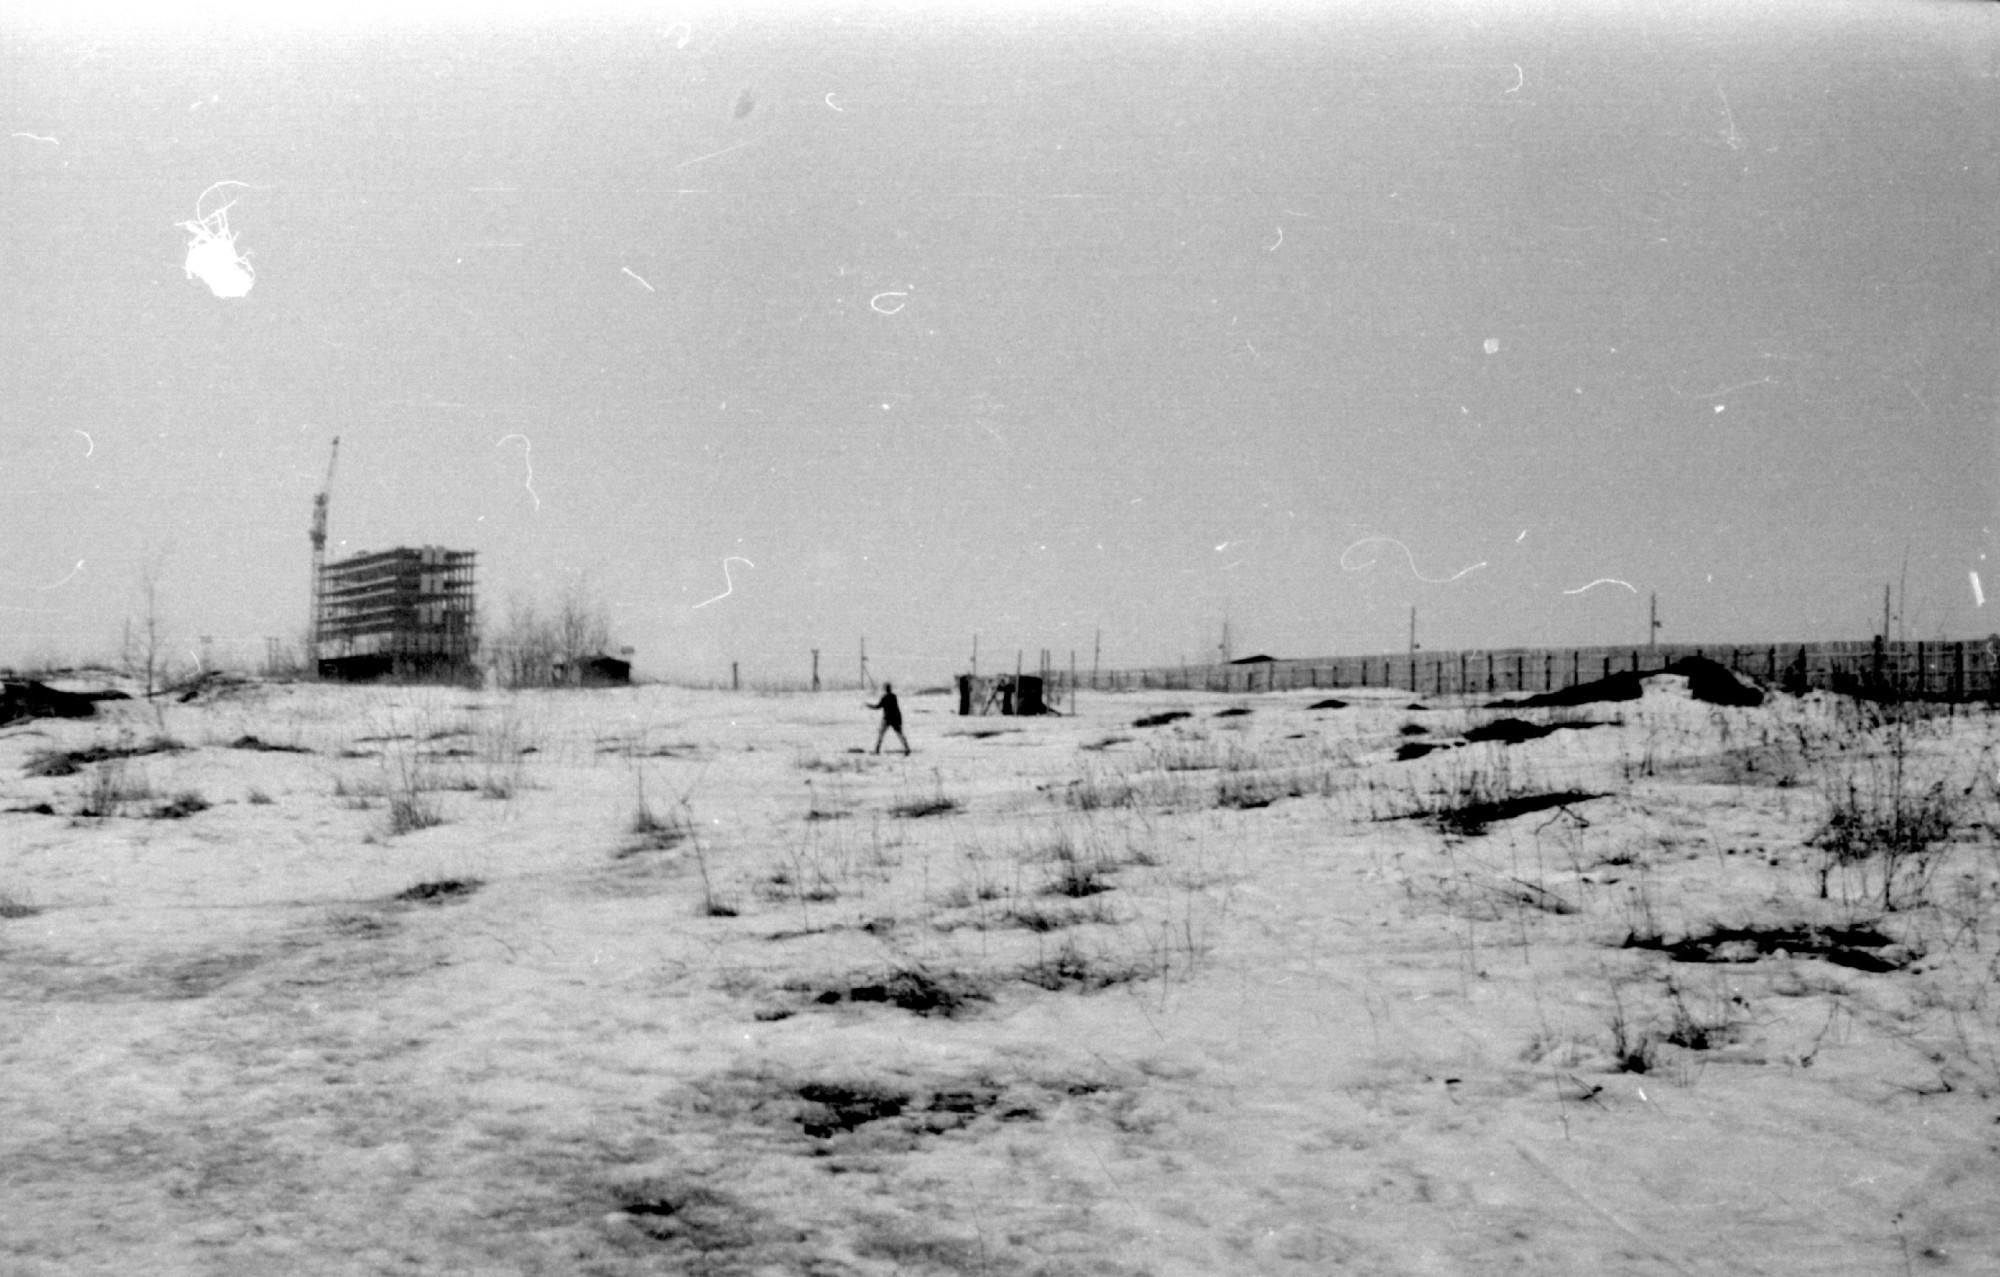 Вид в сторону строящего ВНИИОФИ, который будет сдан только через 10 лет, в 1982 г. Кирилл Курехин